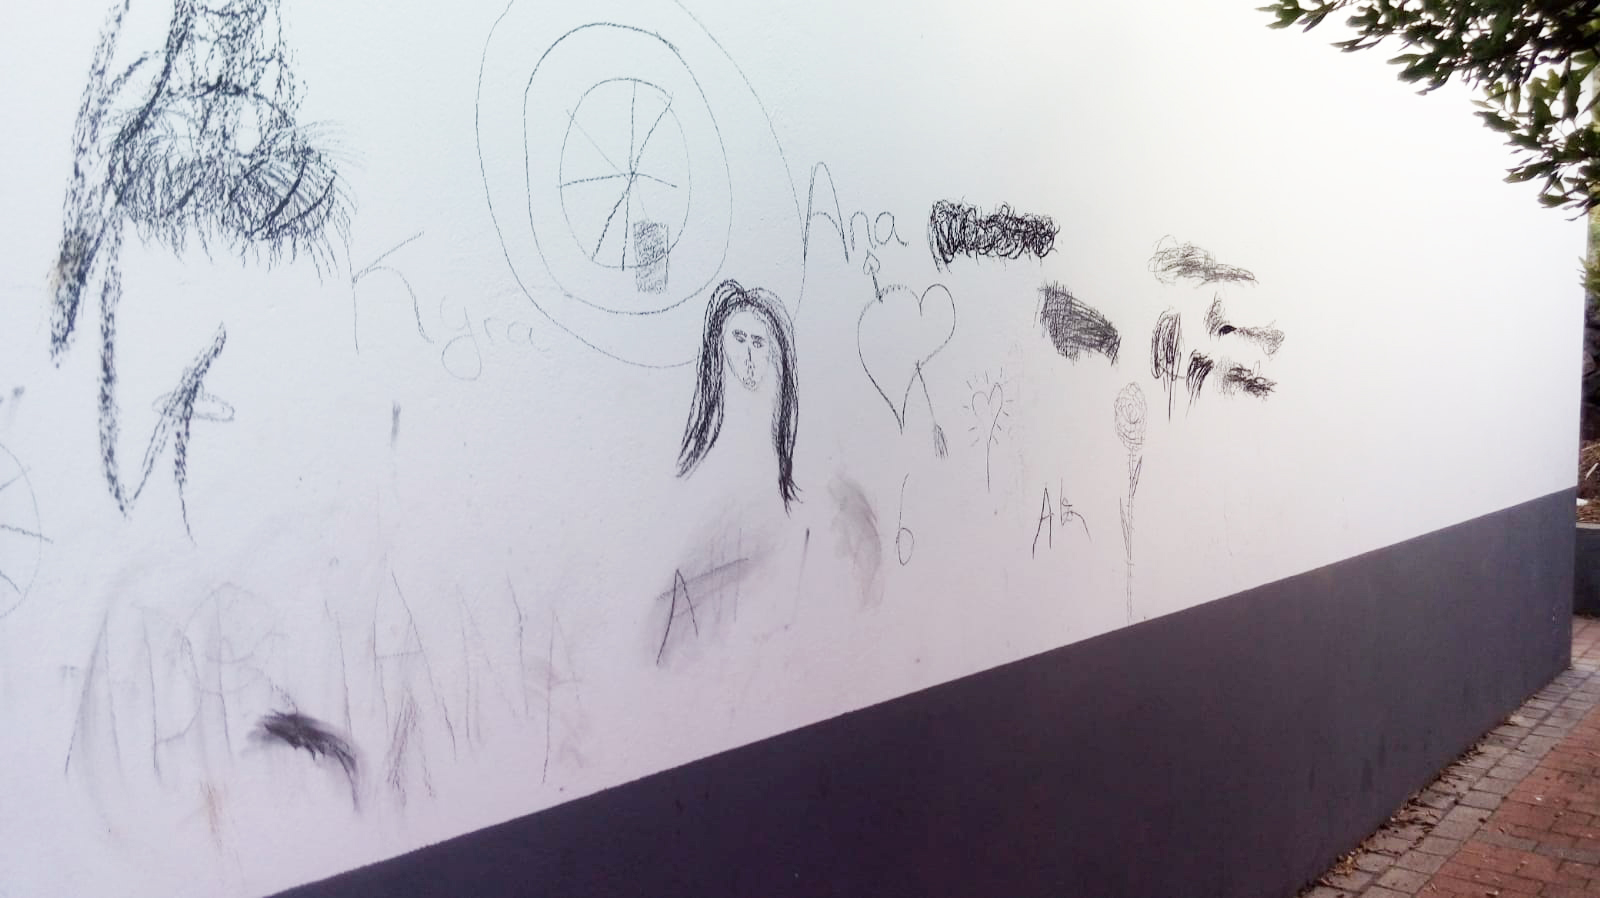 chorrillo pared vandalicos noticias de san mateo